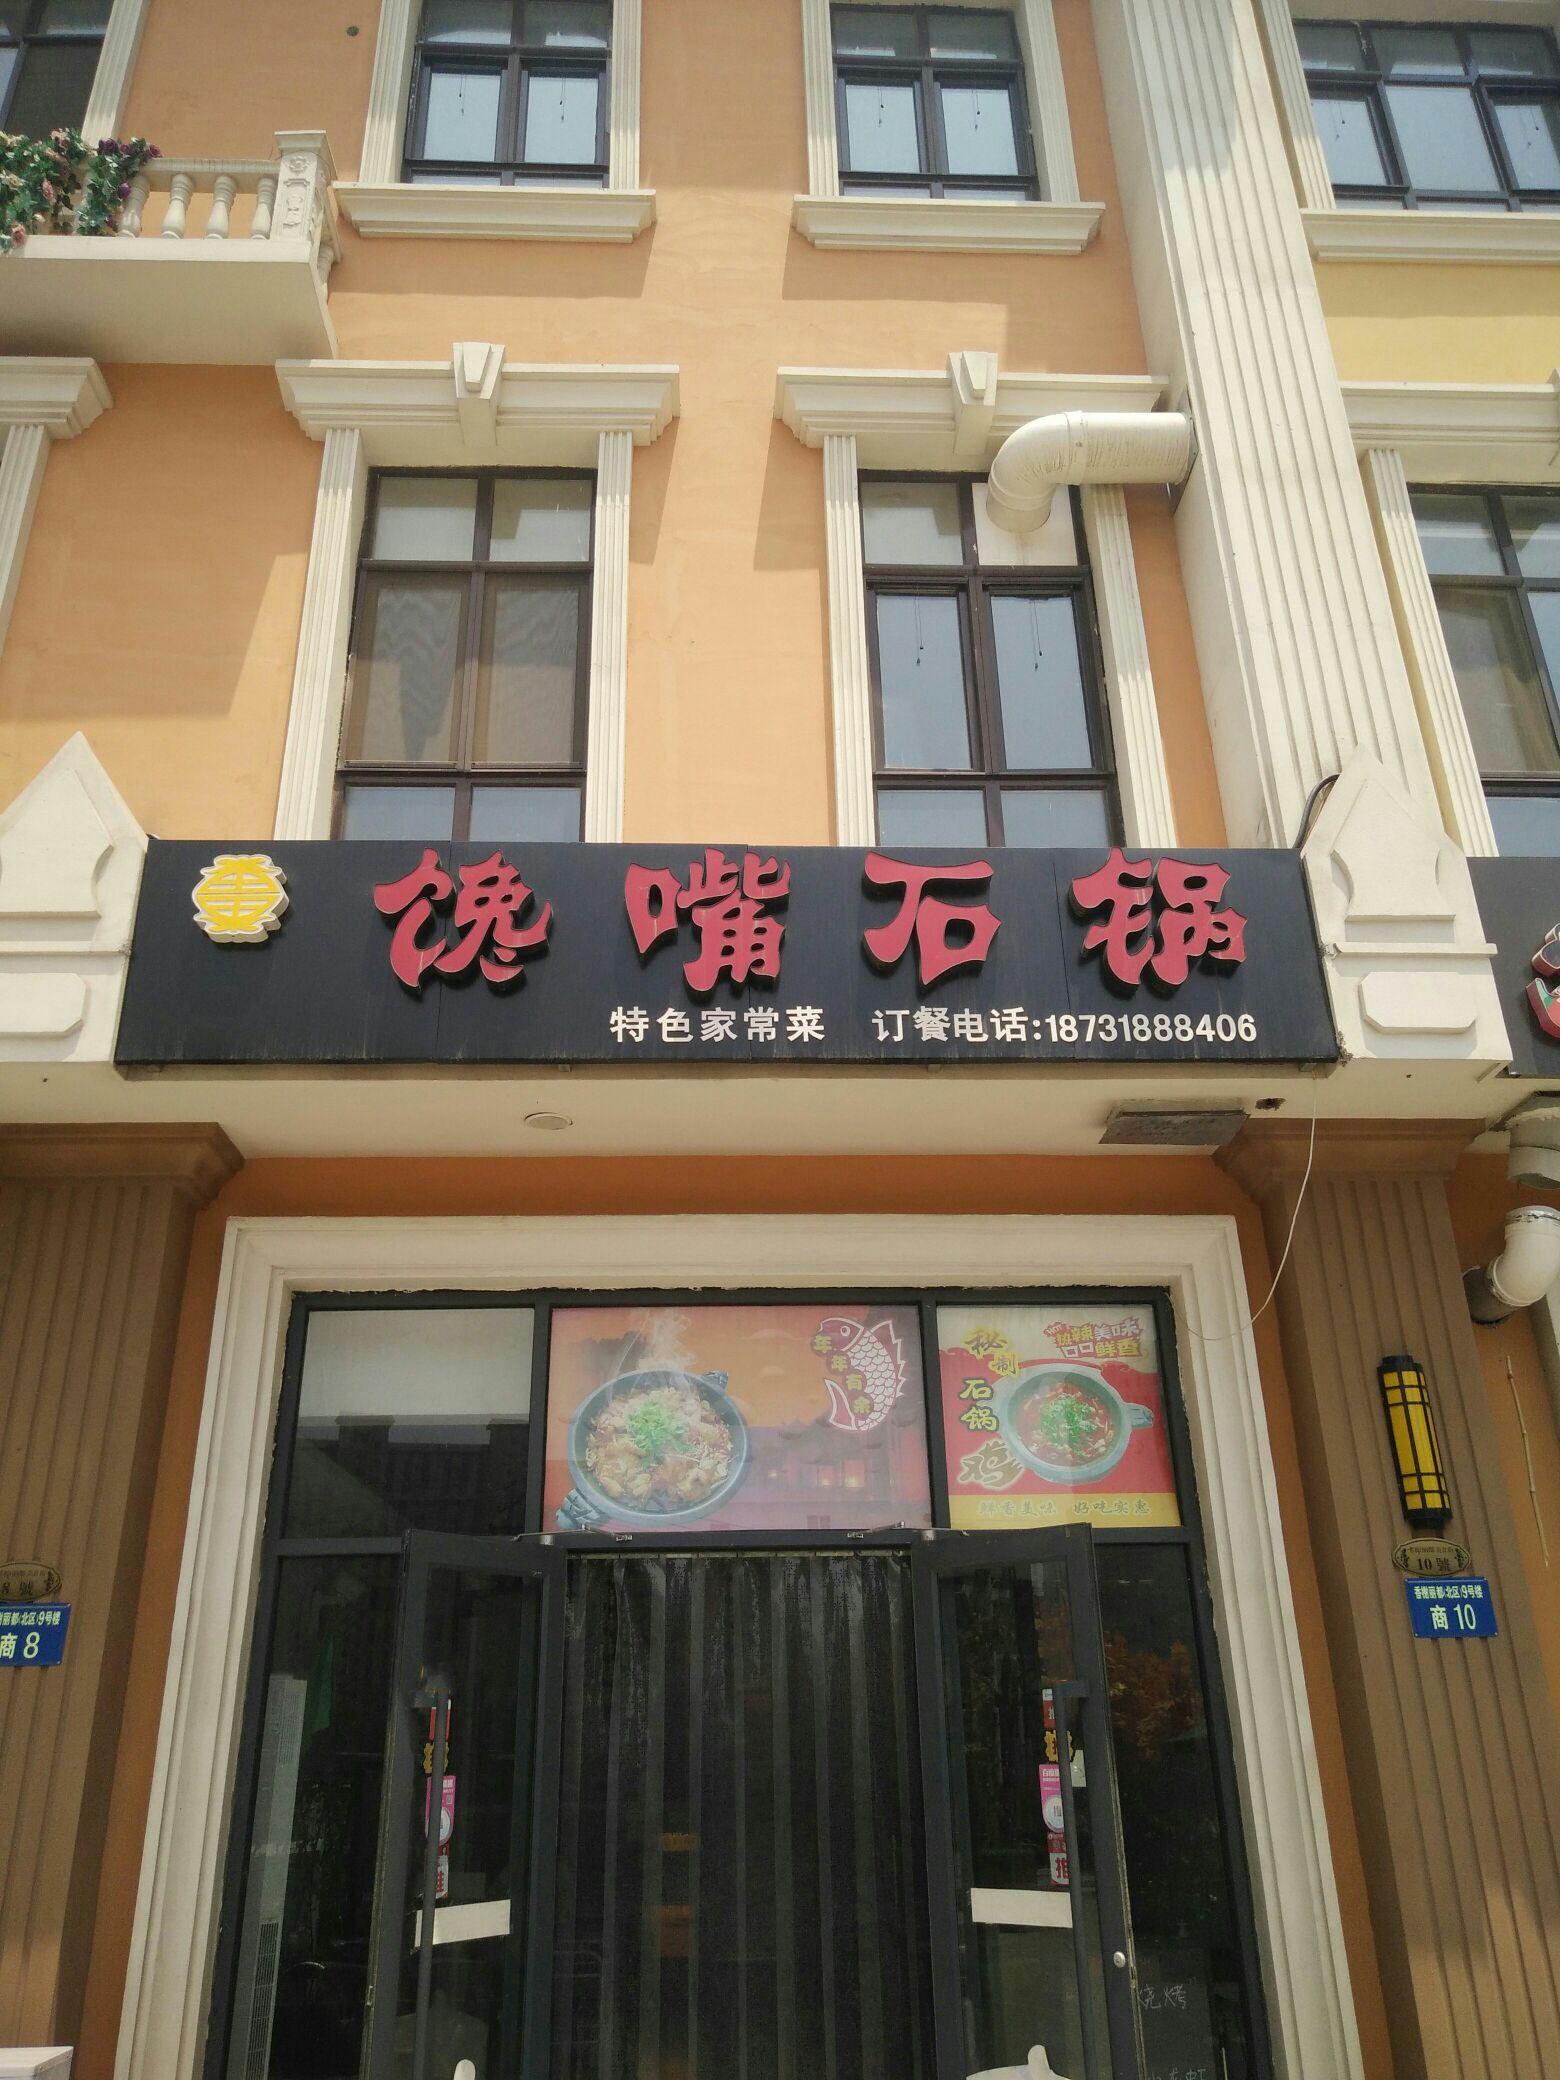 馋嘴石锅(香榭丽都美食城店)